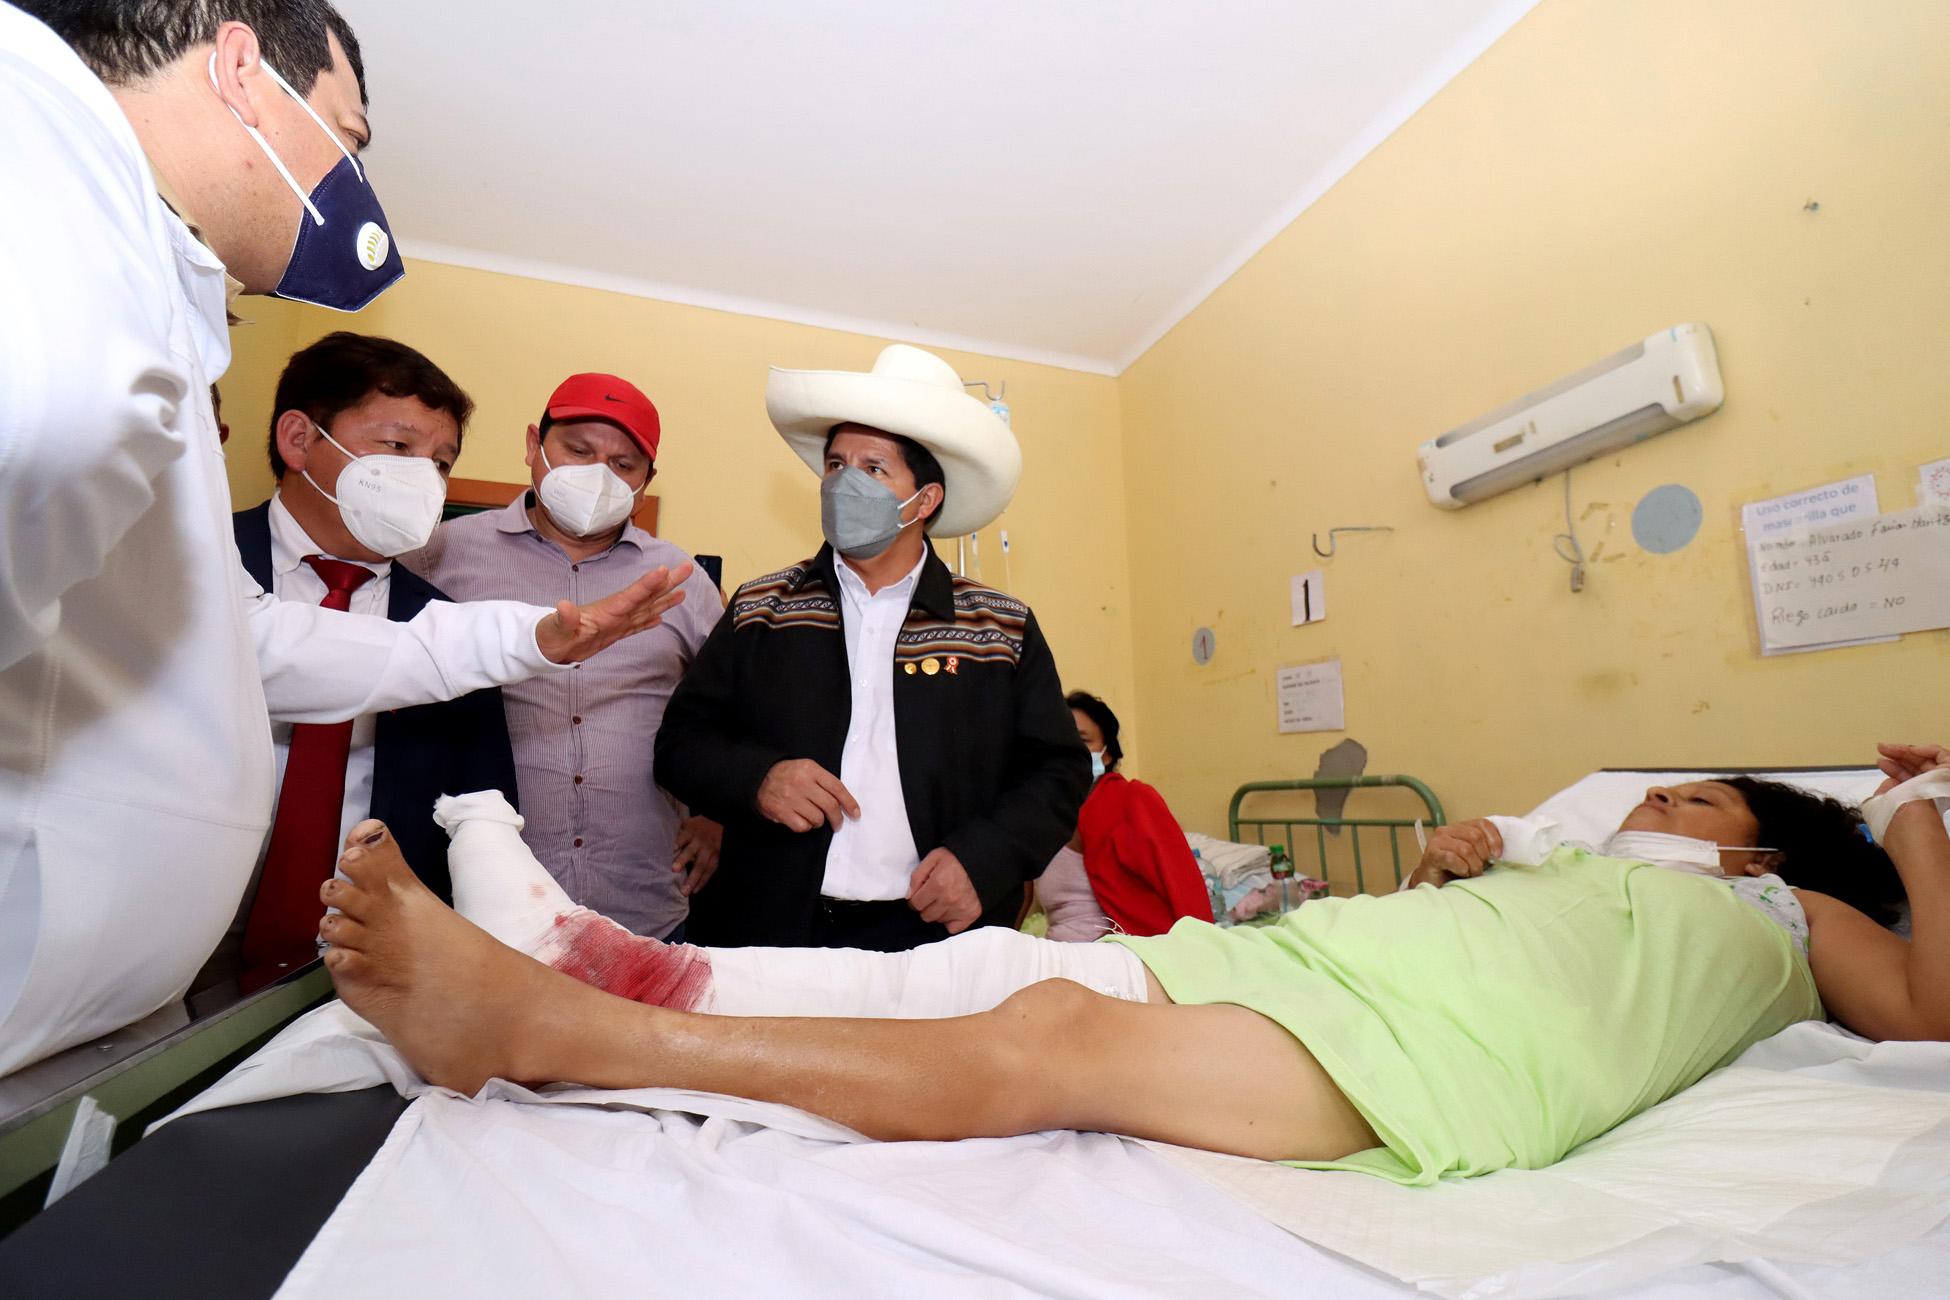 Περού: 40 τραυματίες μετά τον σεισμό 6,1 Ρίχτερ